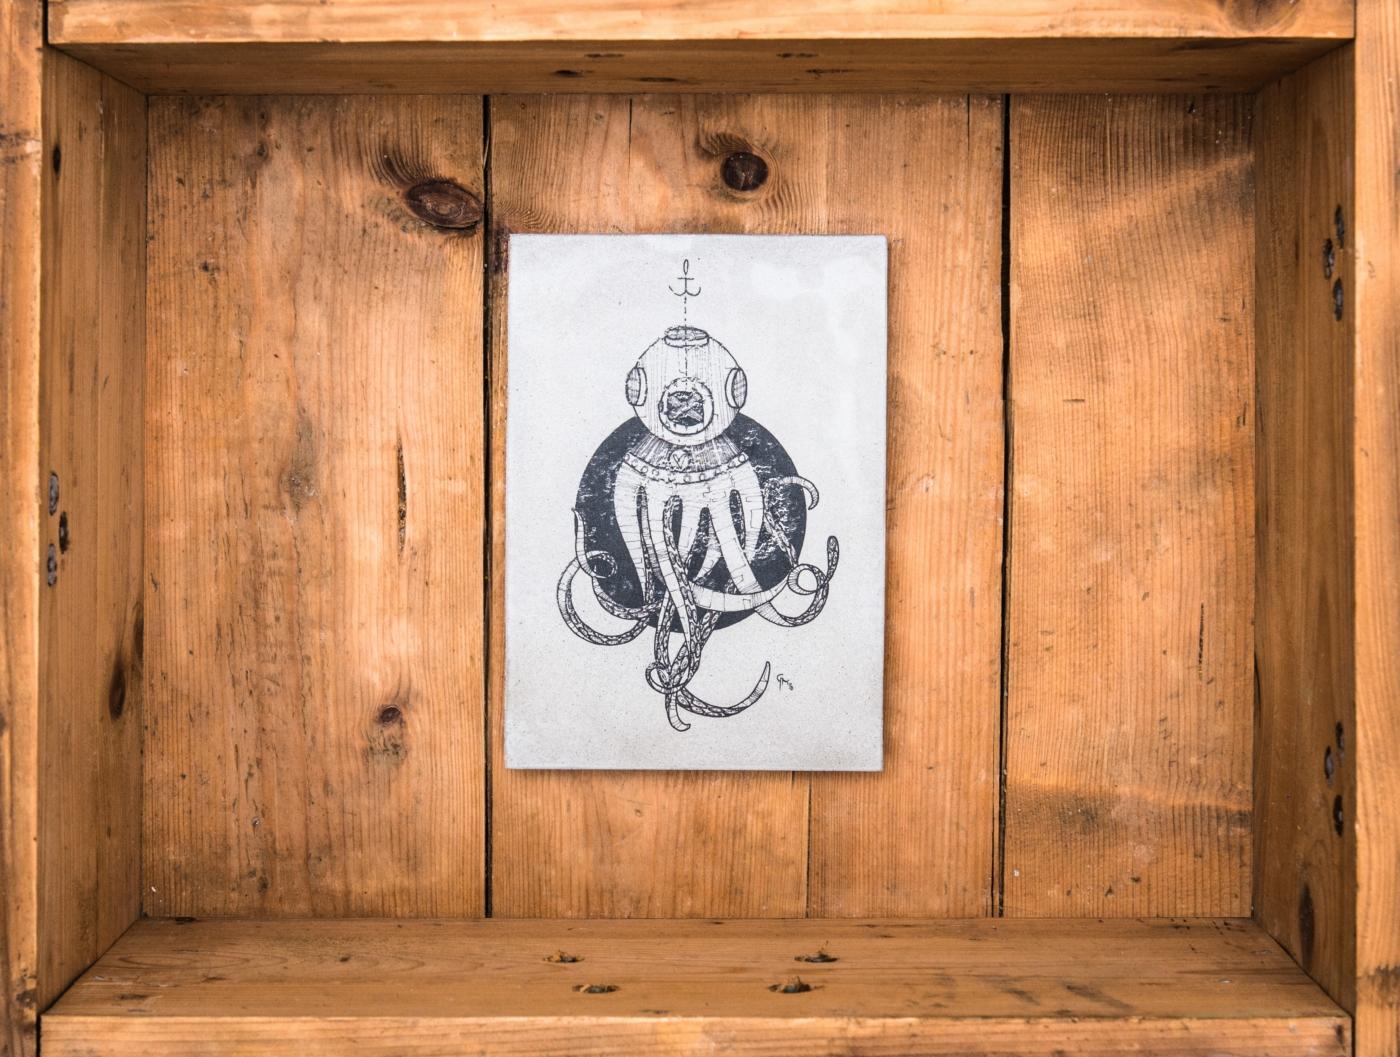 """Betonbild """"Octopus der Taucher"""" Die weltweit ersten handgemachten Betonbilder ihrer Art! Made in Erfurt. Alle Betonbilder werden in unserer Manufaktur gefertigt. Keine Fließbandarbeit, sondern noch echte Handarbeit! Unser entwickeltes Druckverfahren erzeugt bei jedem Bild ein unterschiedliches Oberflächenfinish*, wodurch jedes Betonbild ein Unikat ist."""